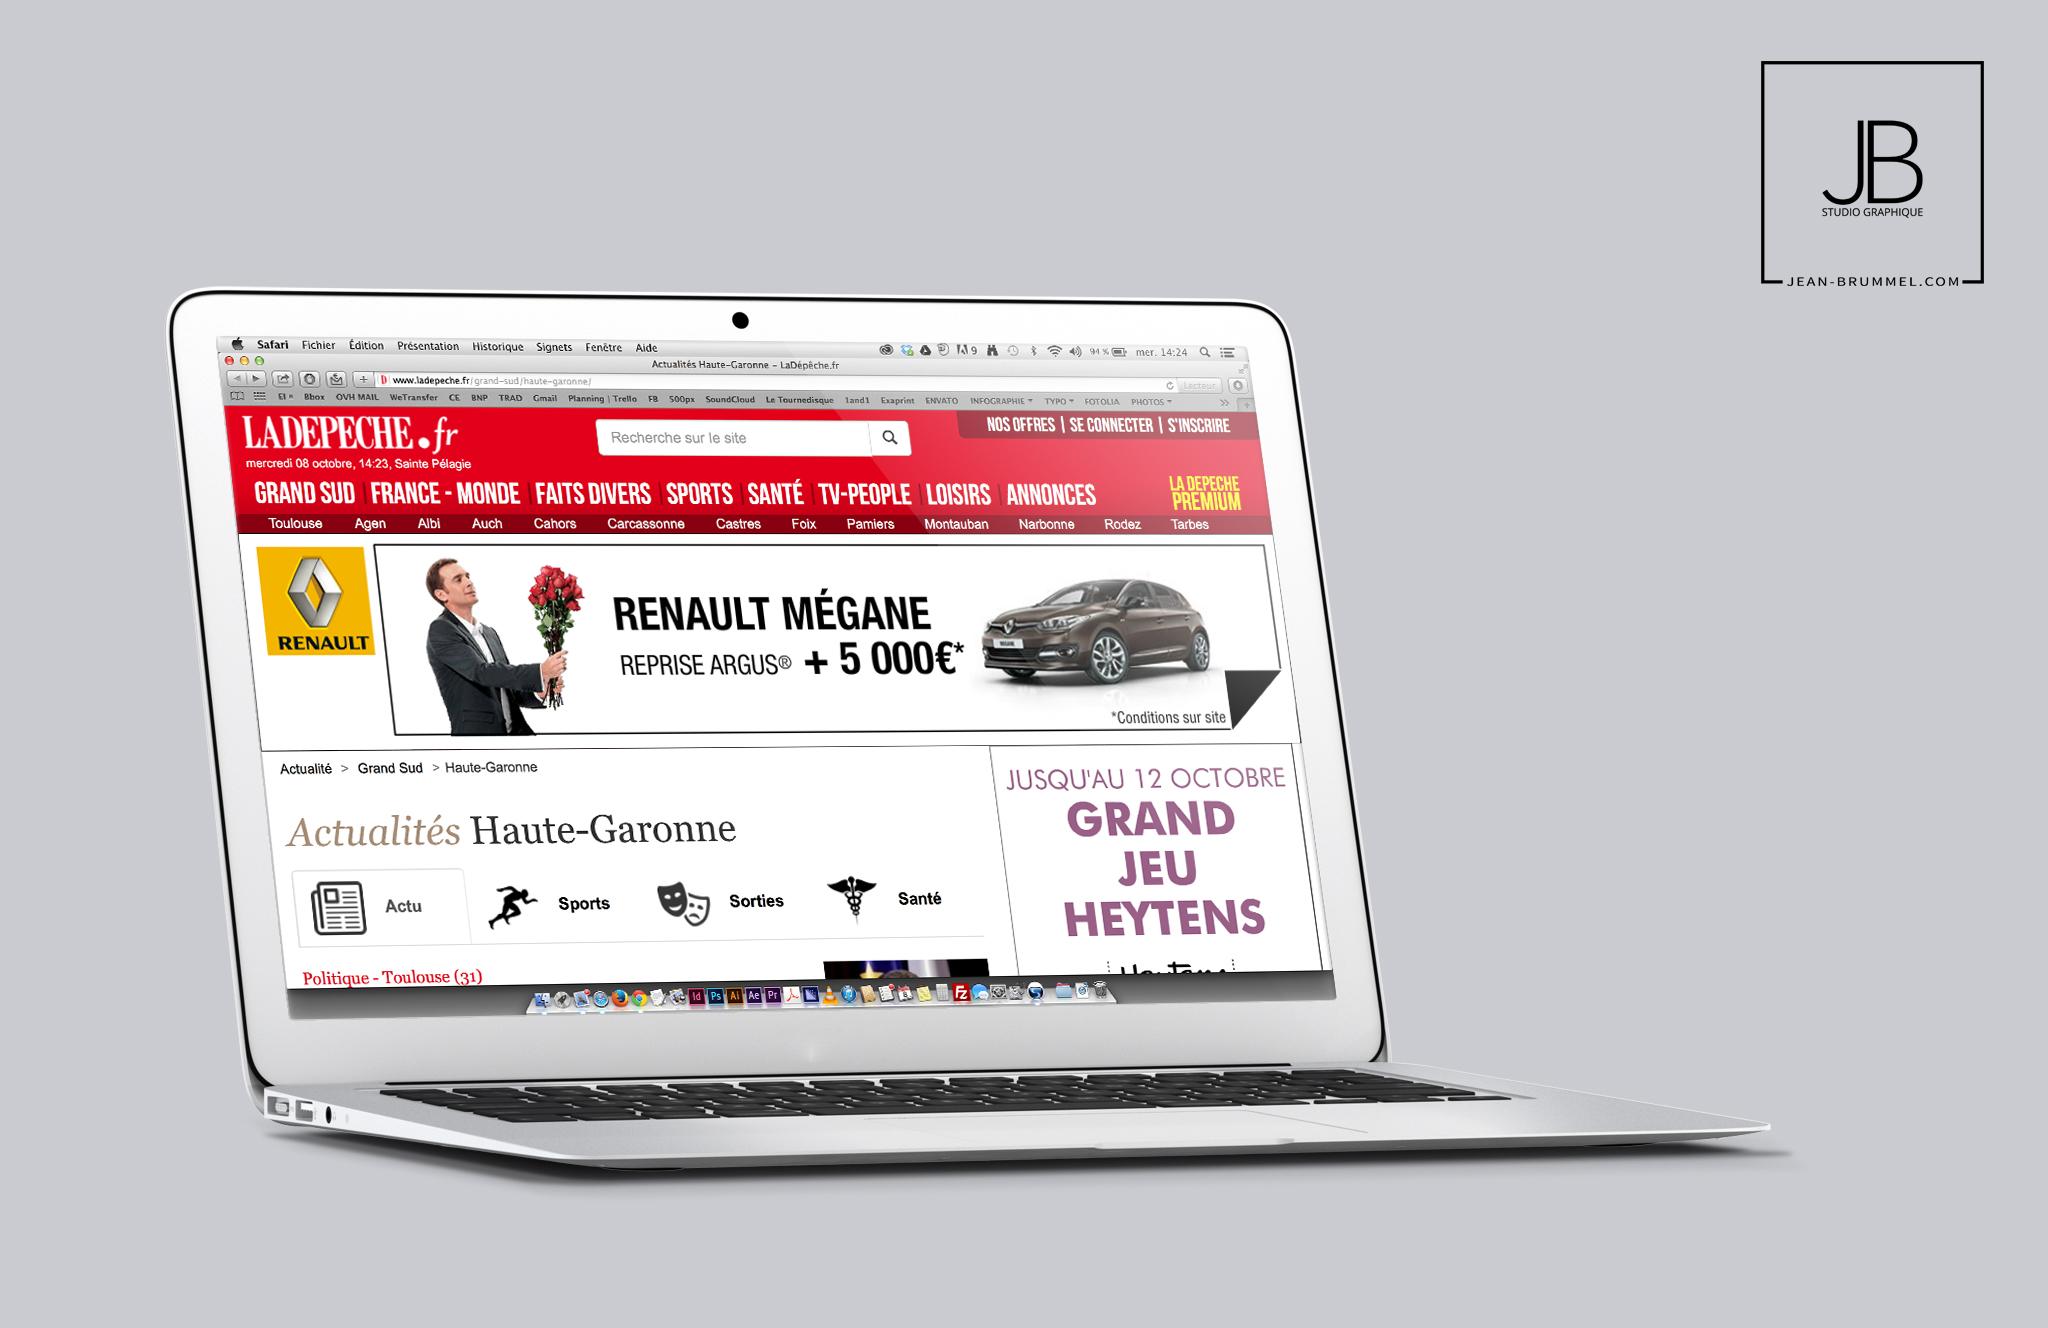 Renault toulouse depeche midi-pyrénées grand sud mégane monde fait divers loisirs annonces actualité retail group - jean brummel